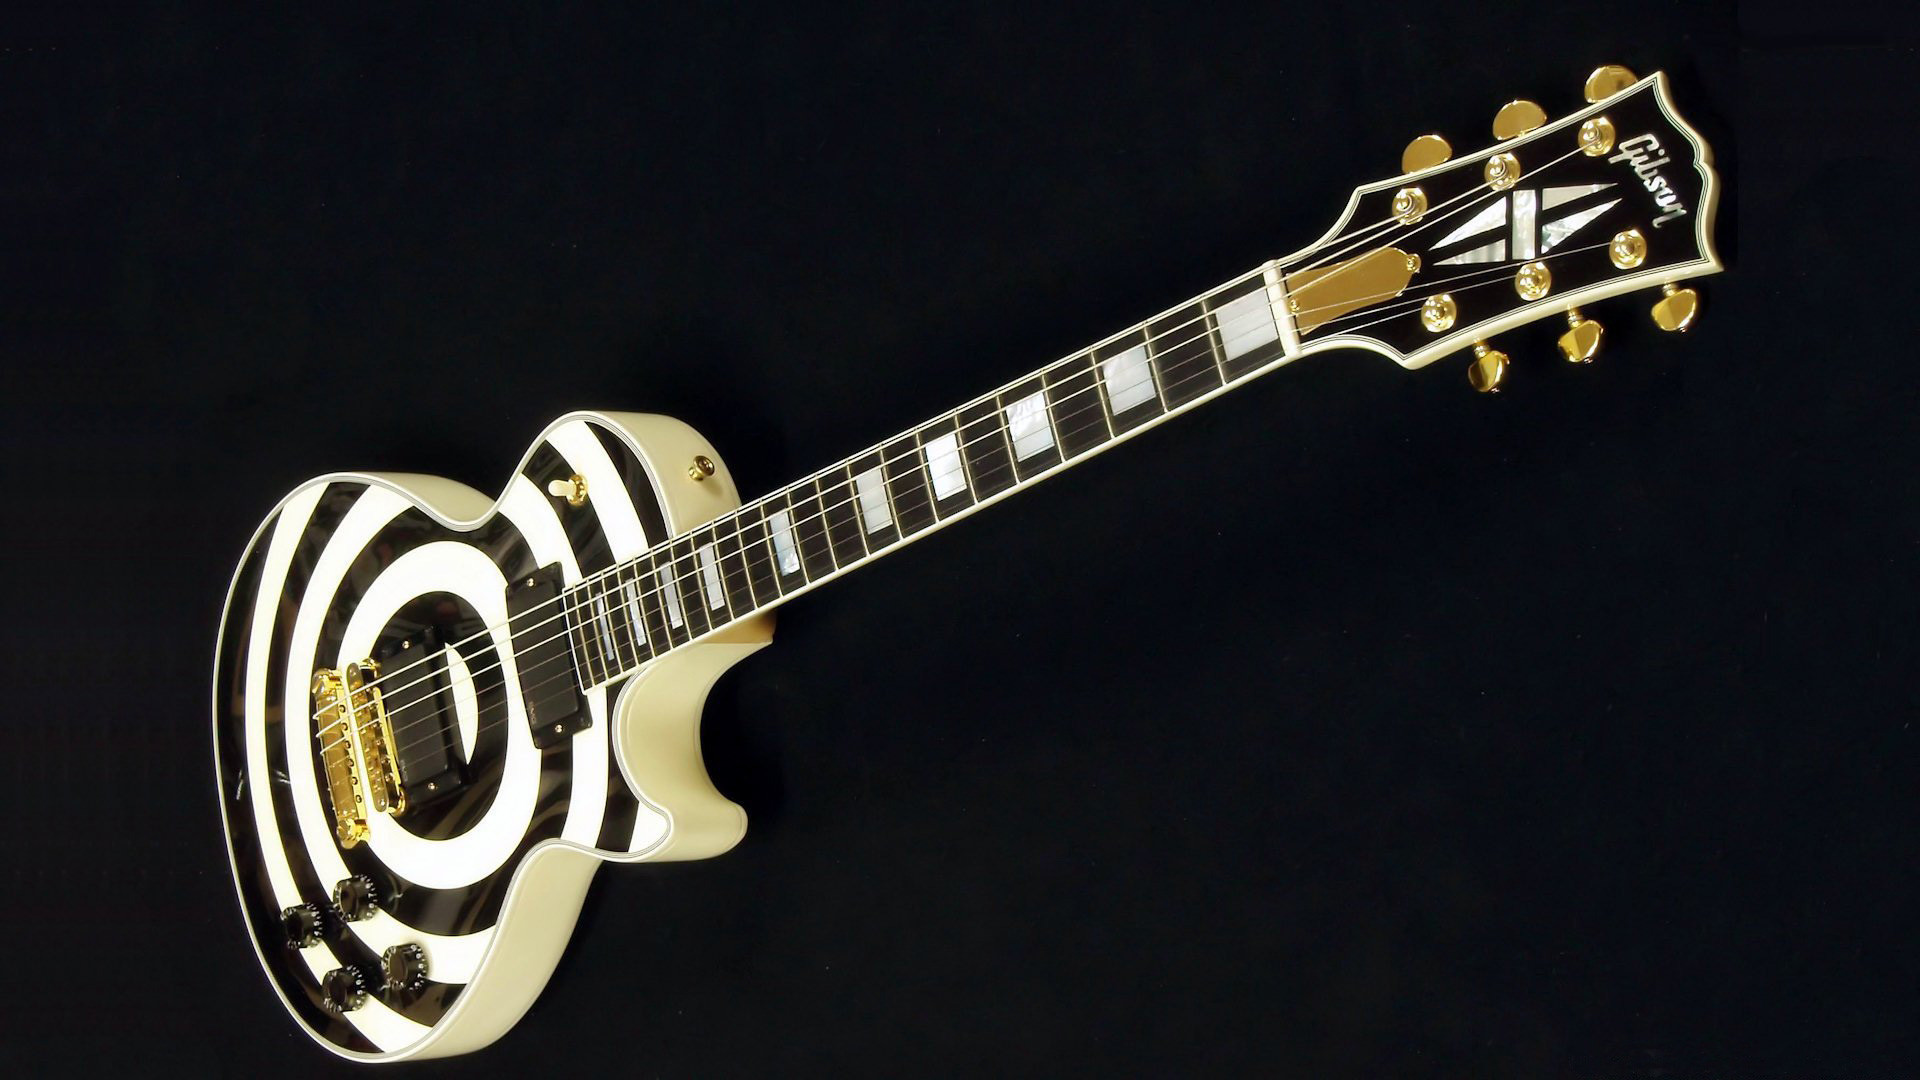 Res: 1920x1080, electric guitar wallpaper hd #722886